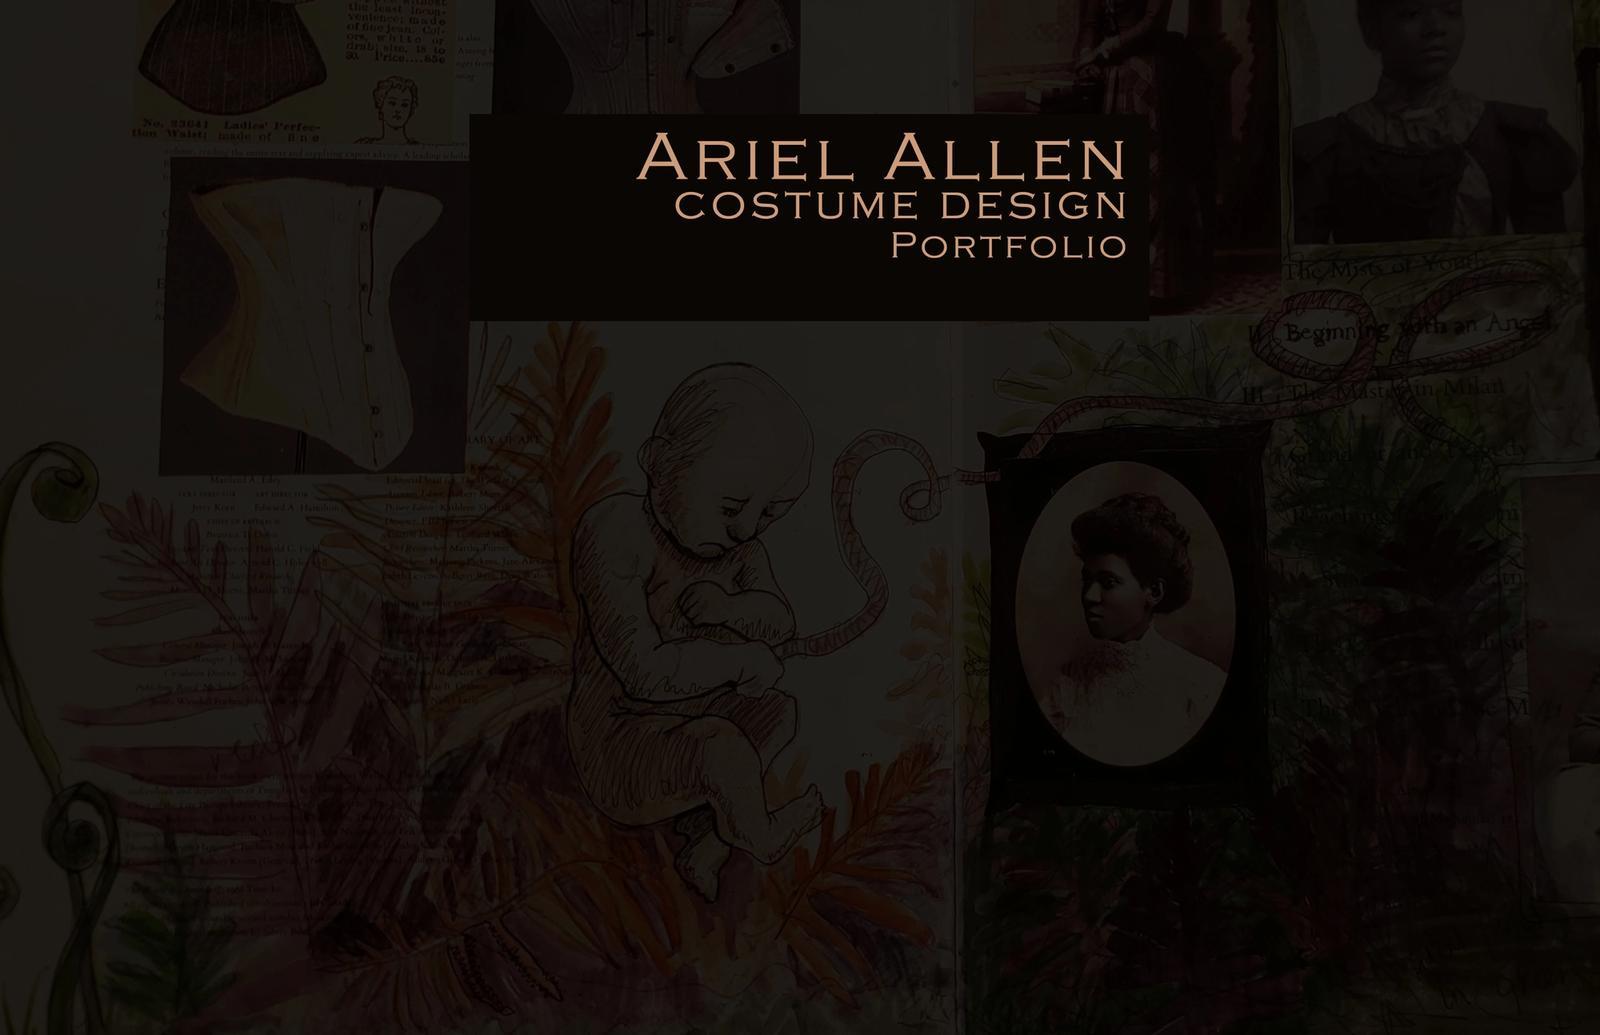 Ariel Allen Costume Design Portfolio